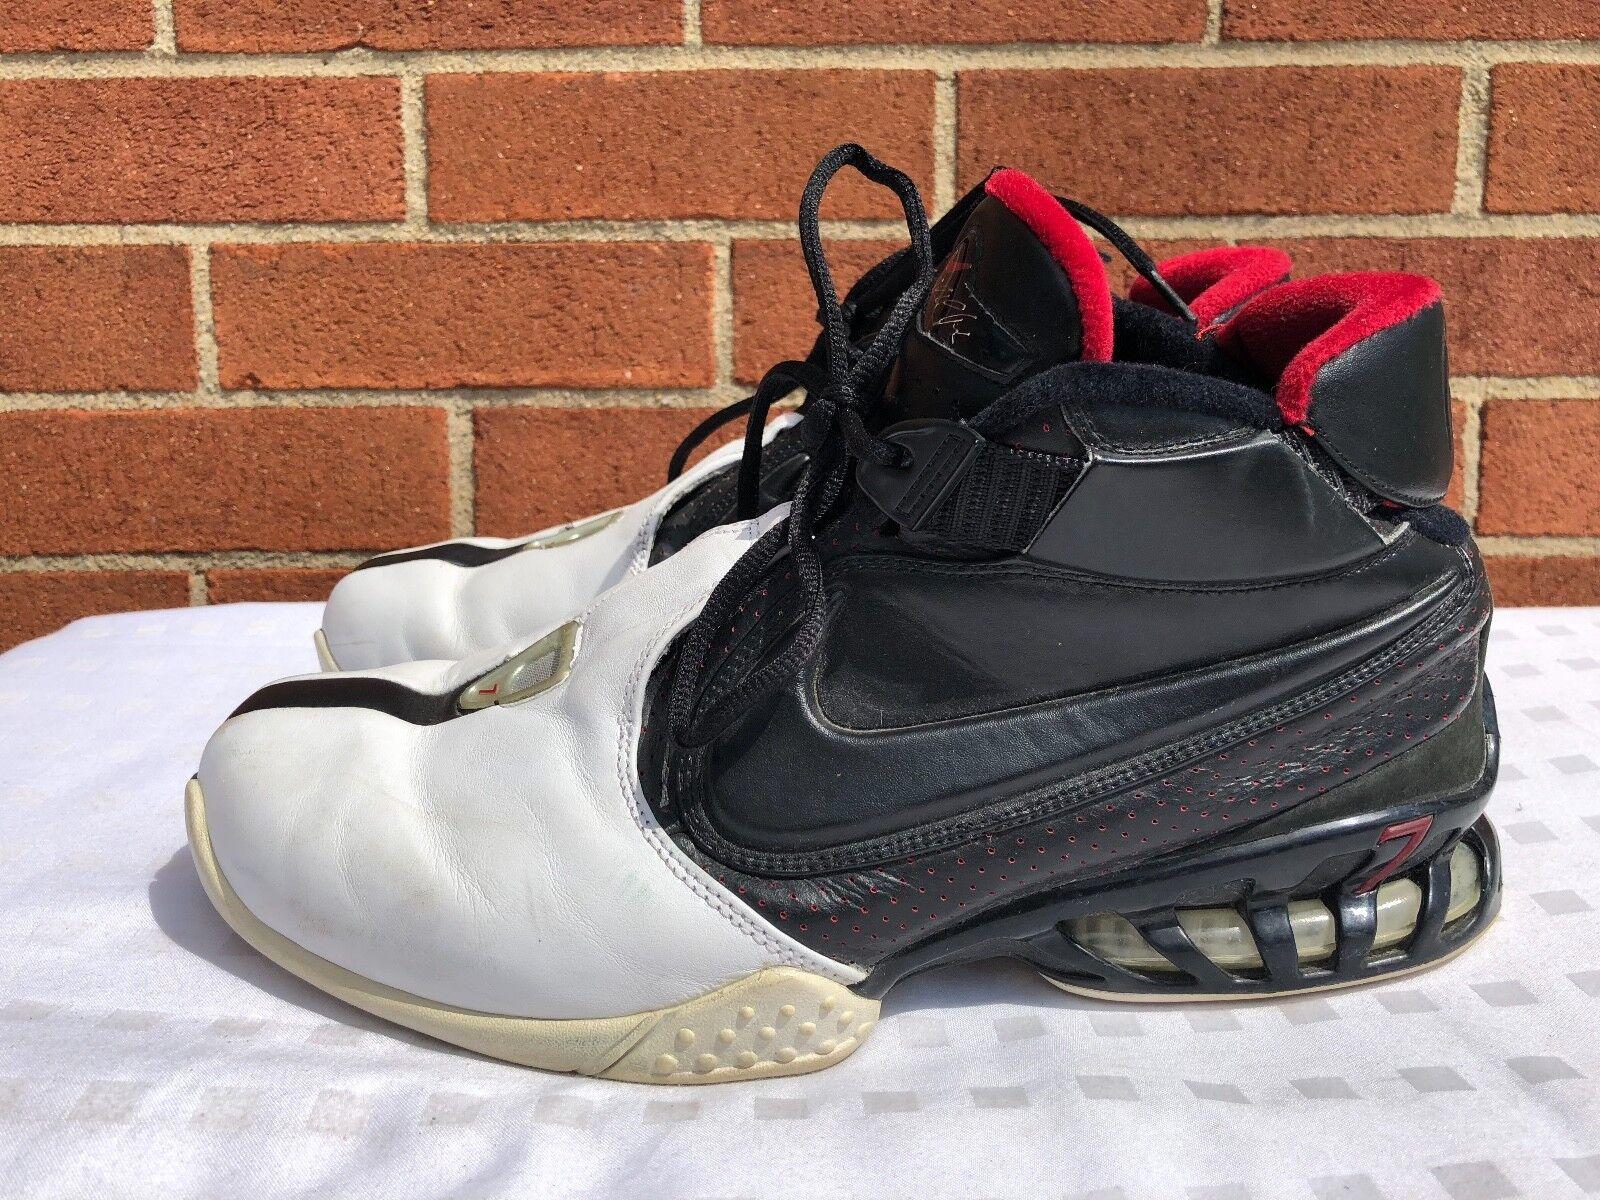 Nike Zoom White Vick 2 II OG Size 10.5 Black White Zoom Varsity Red 309332-002 6f697d